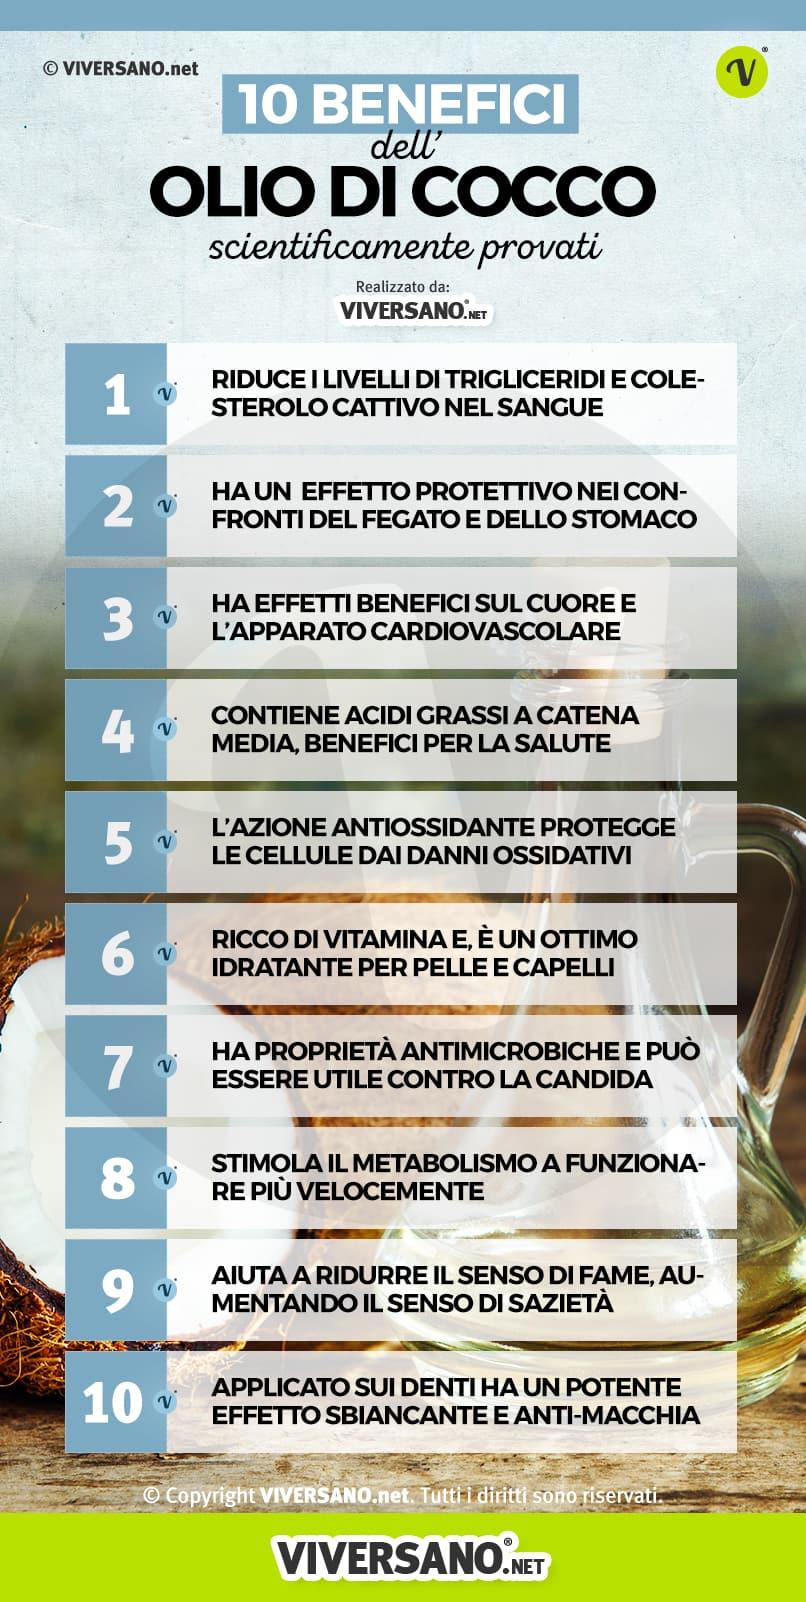 10 benefici dell'olio di cocco